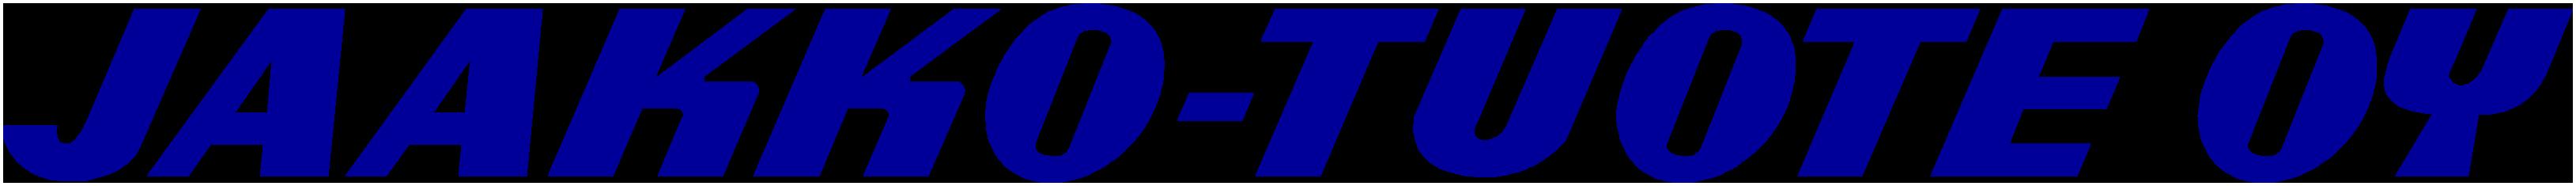 jaakko-tuote-logo.png (107 KB)